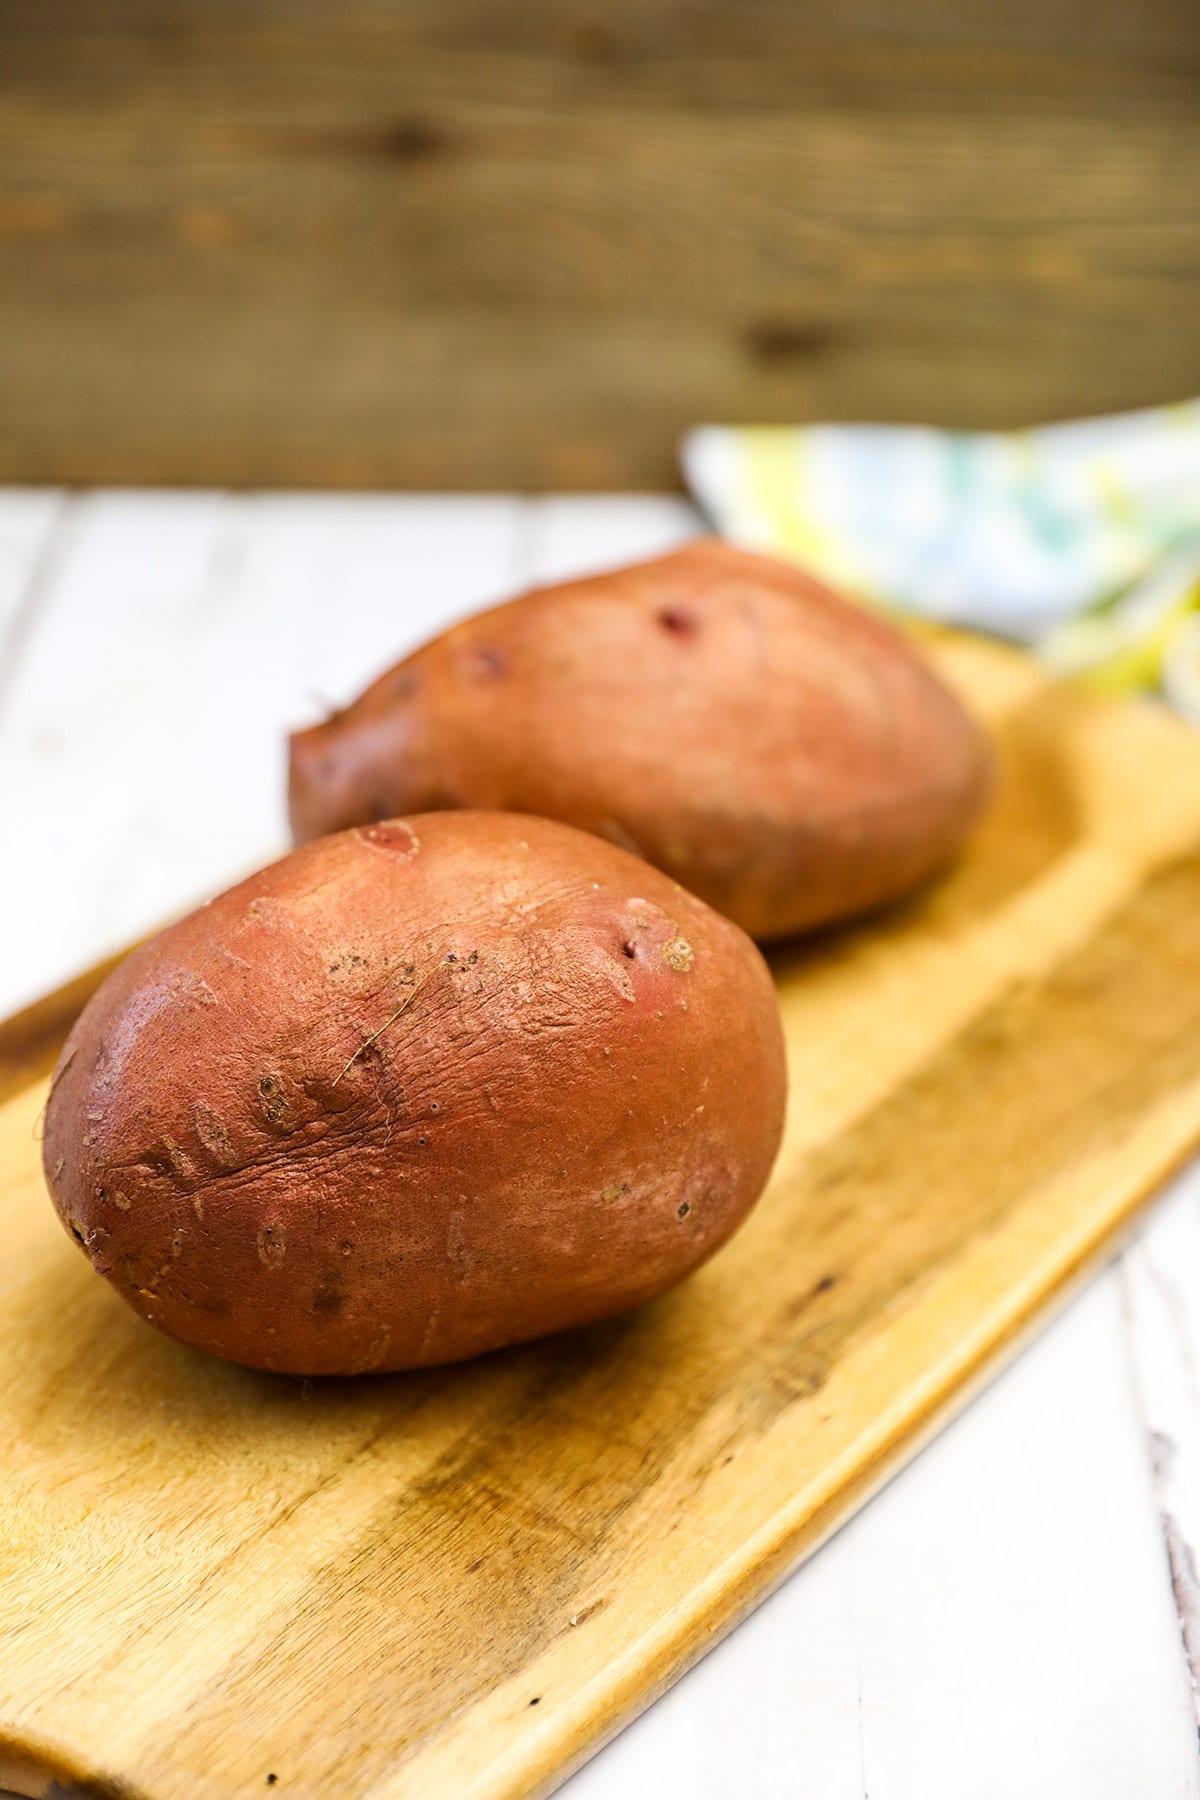 Two sweet potatoes on cutting board